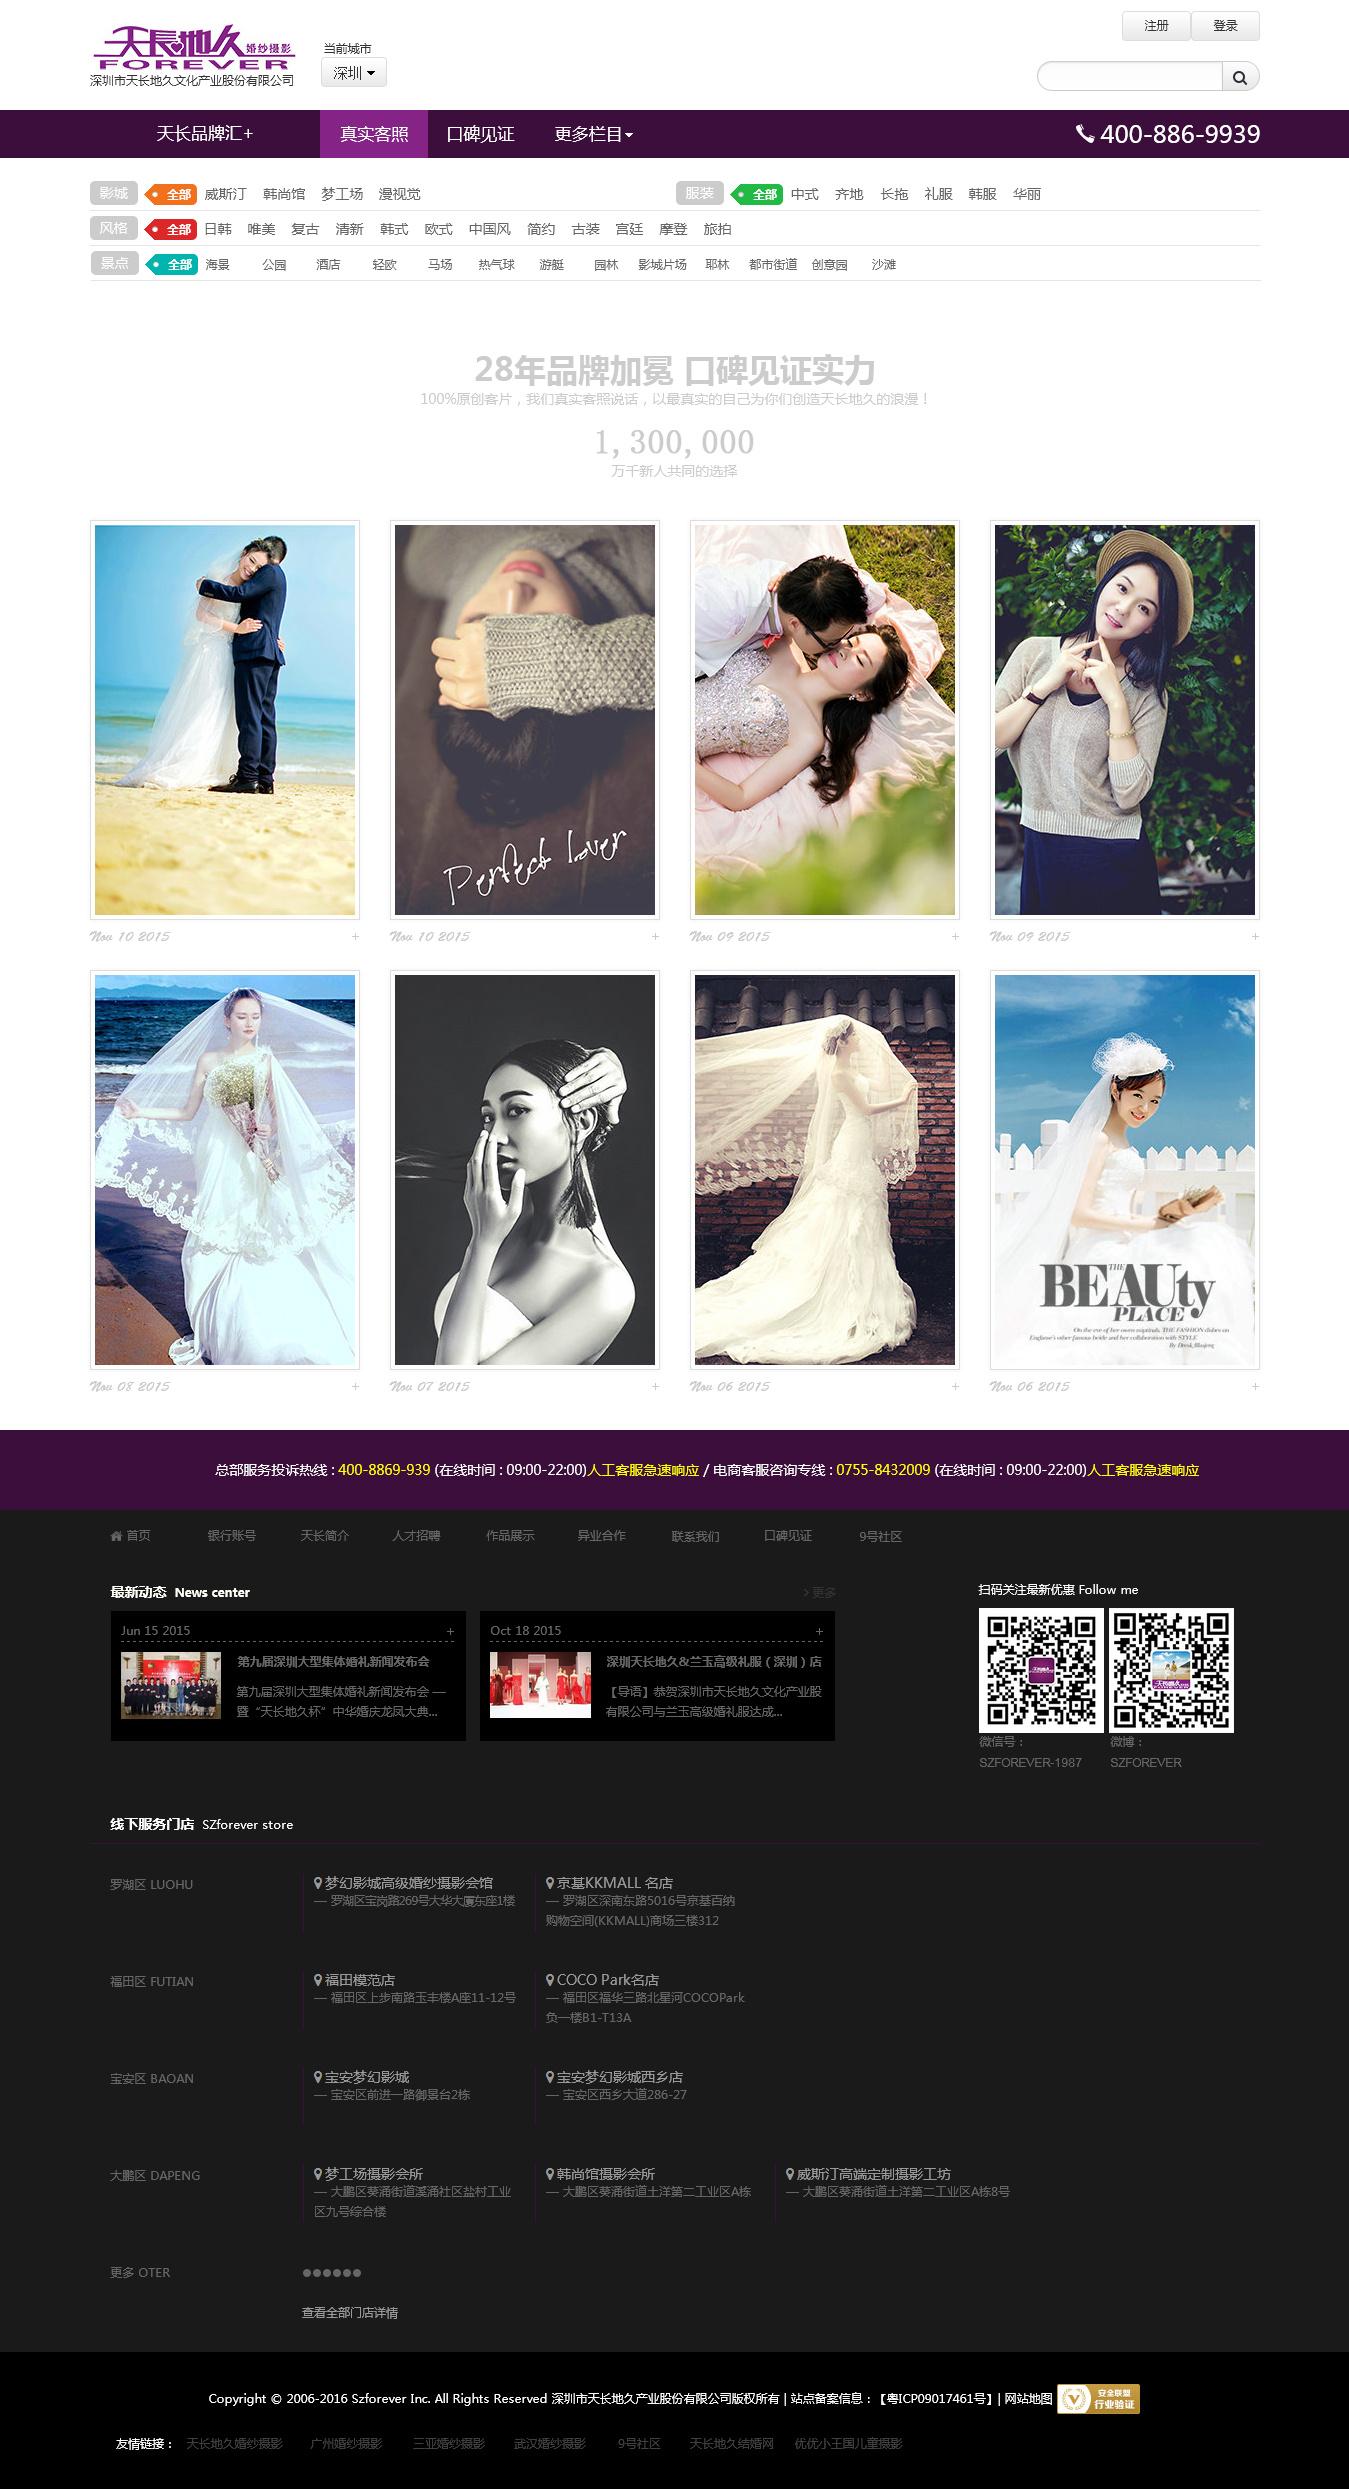 天长地久 企业 最好官网 蒙多-原创作品-室内设计中国网页学校排名图片